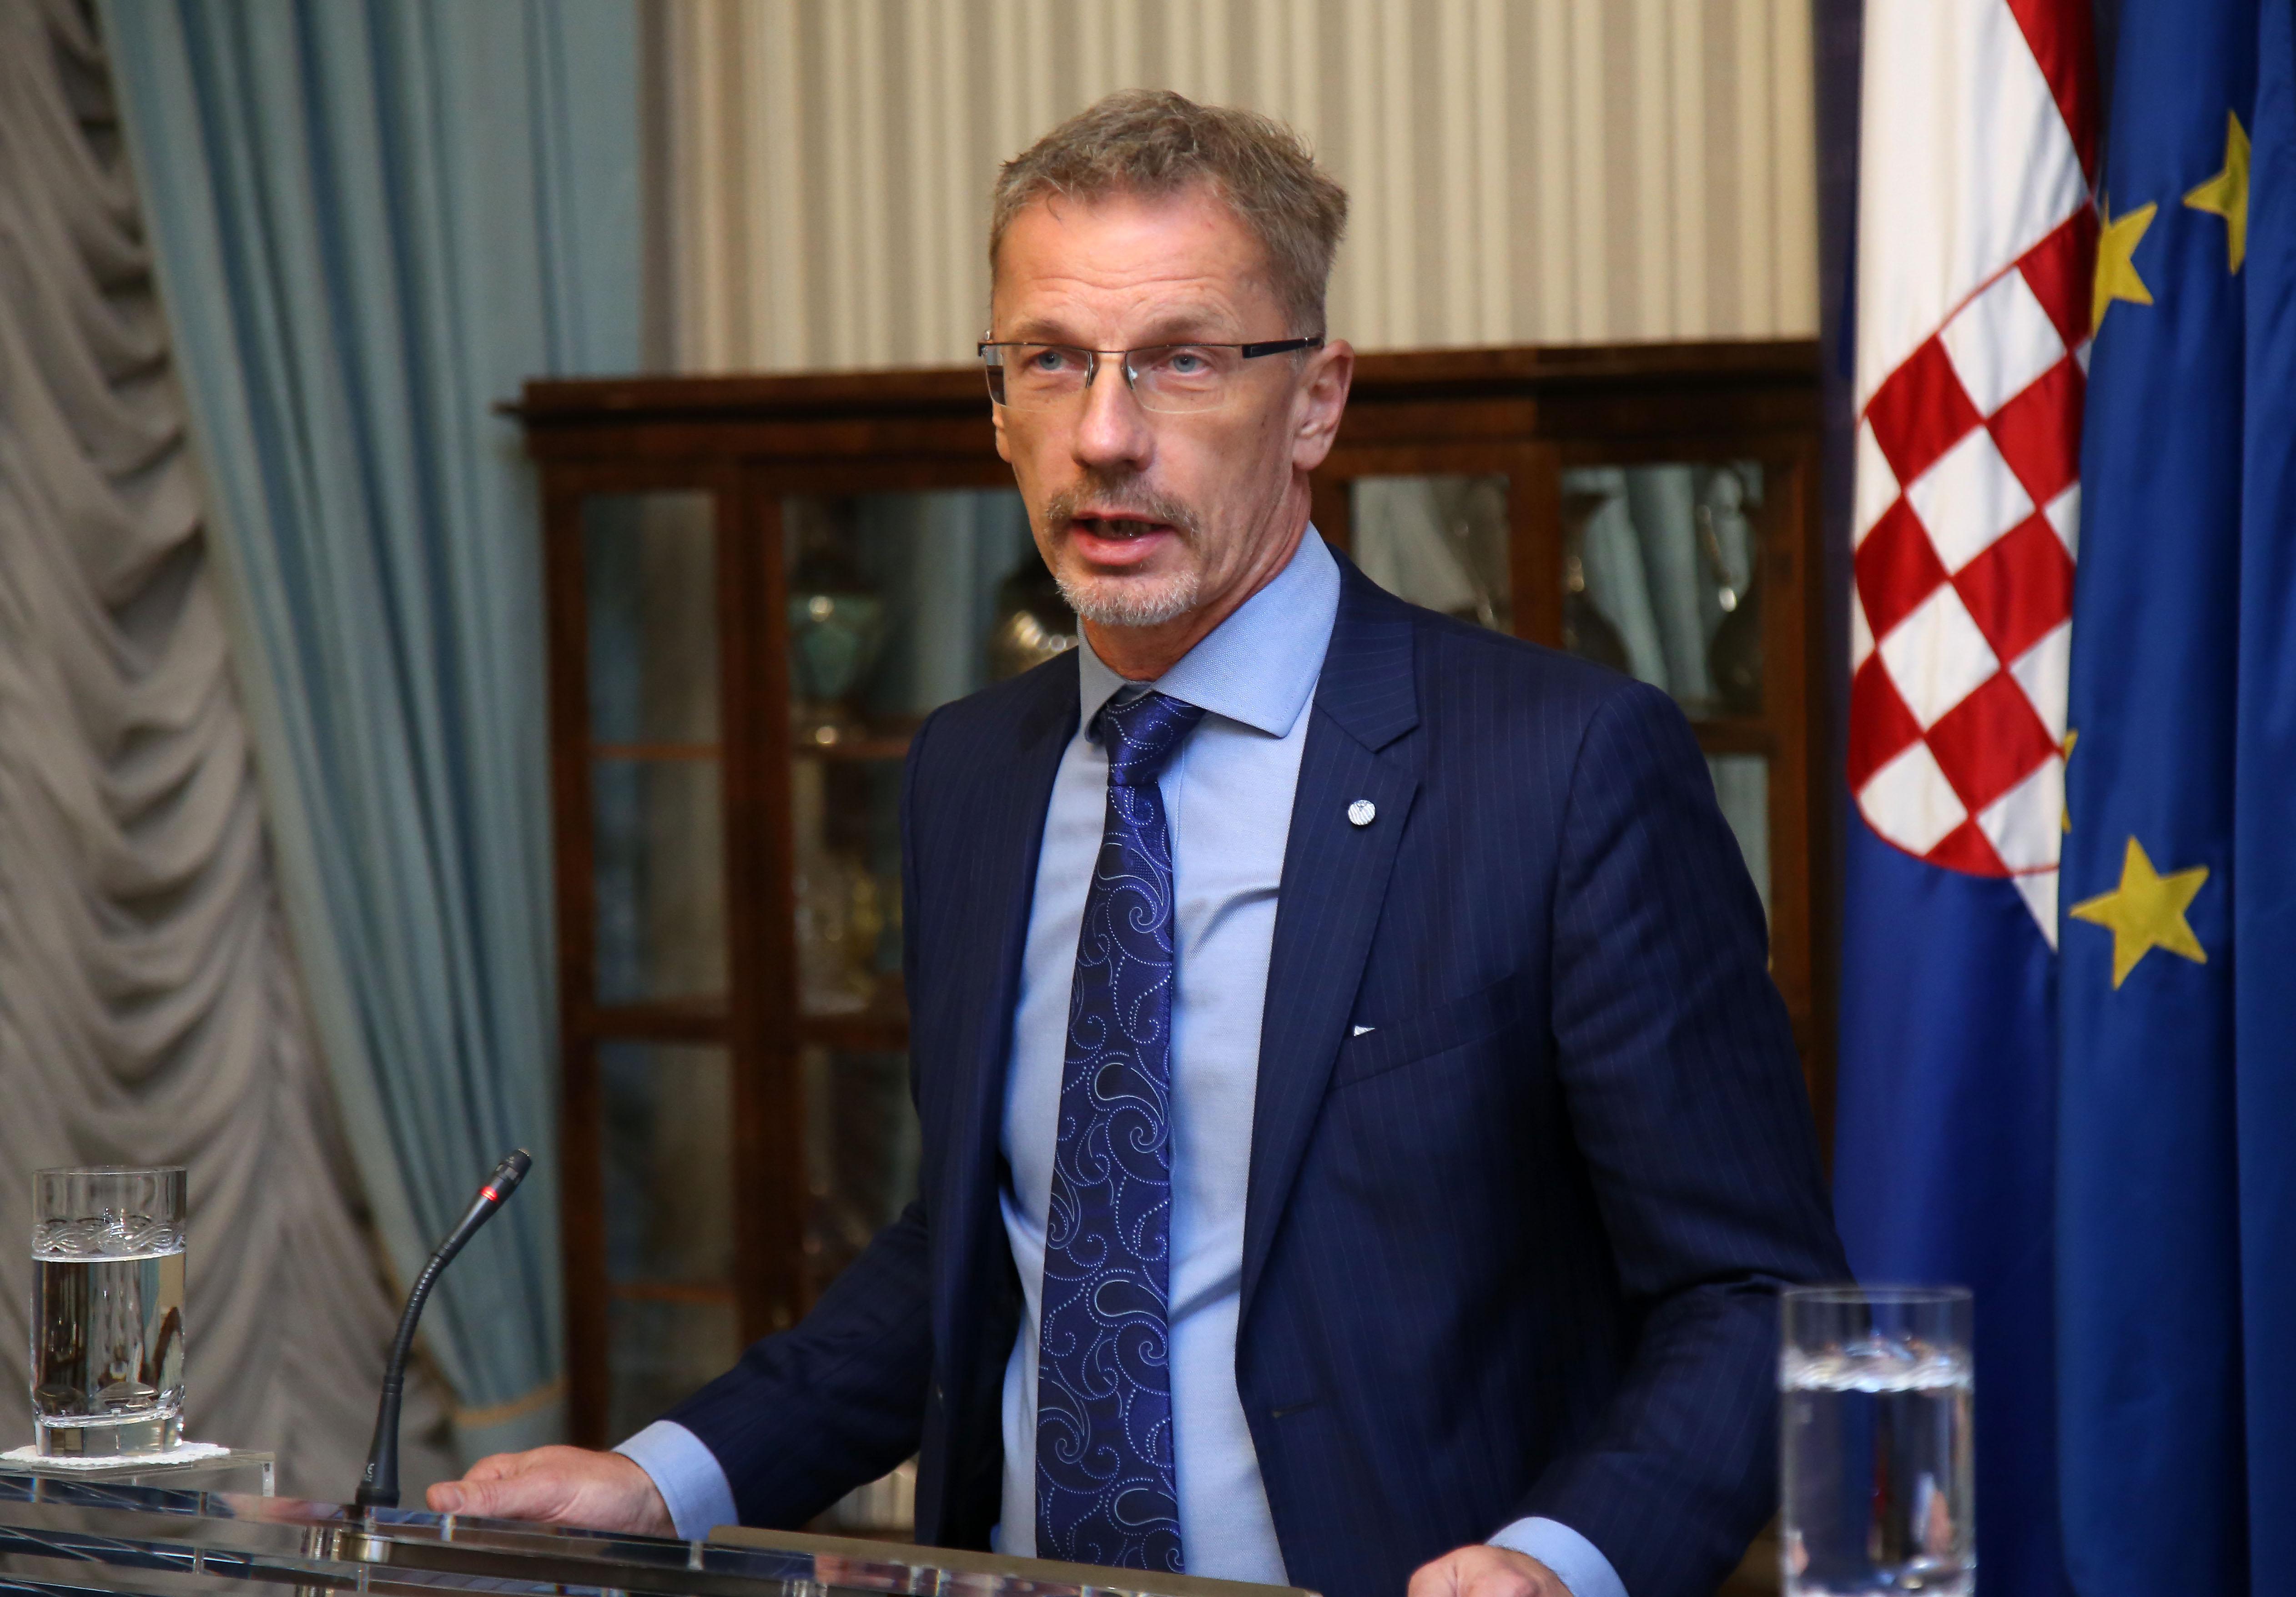 VUJČIĆ 'Ulaskom u eurozonu građani neće imati troška oko konverzije